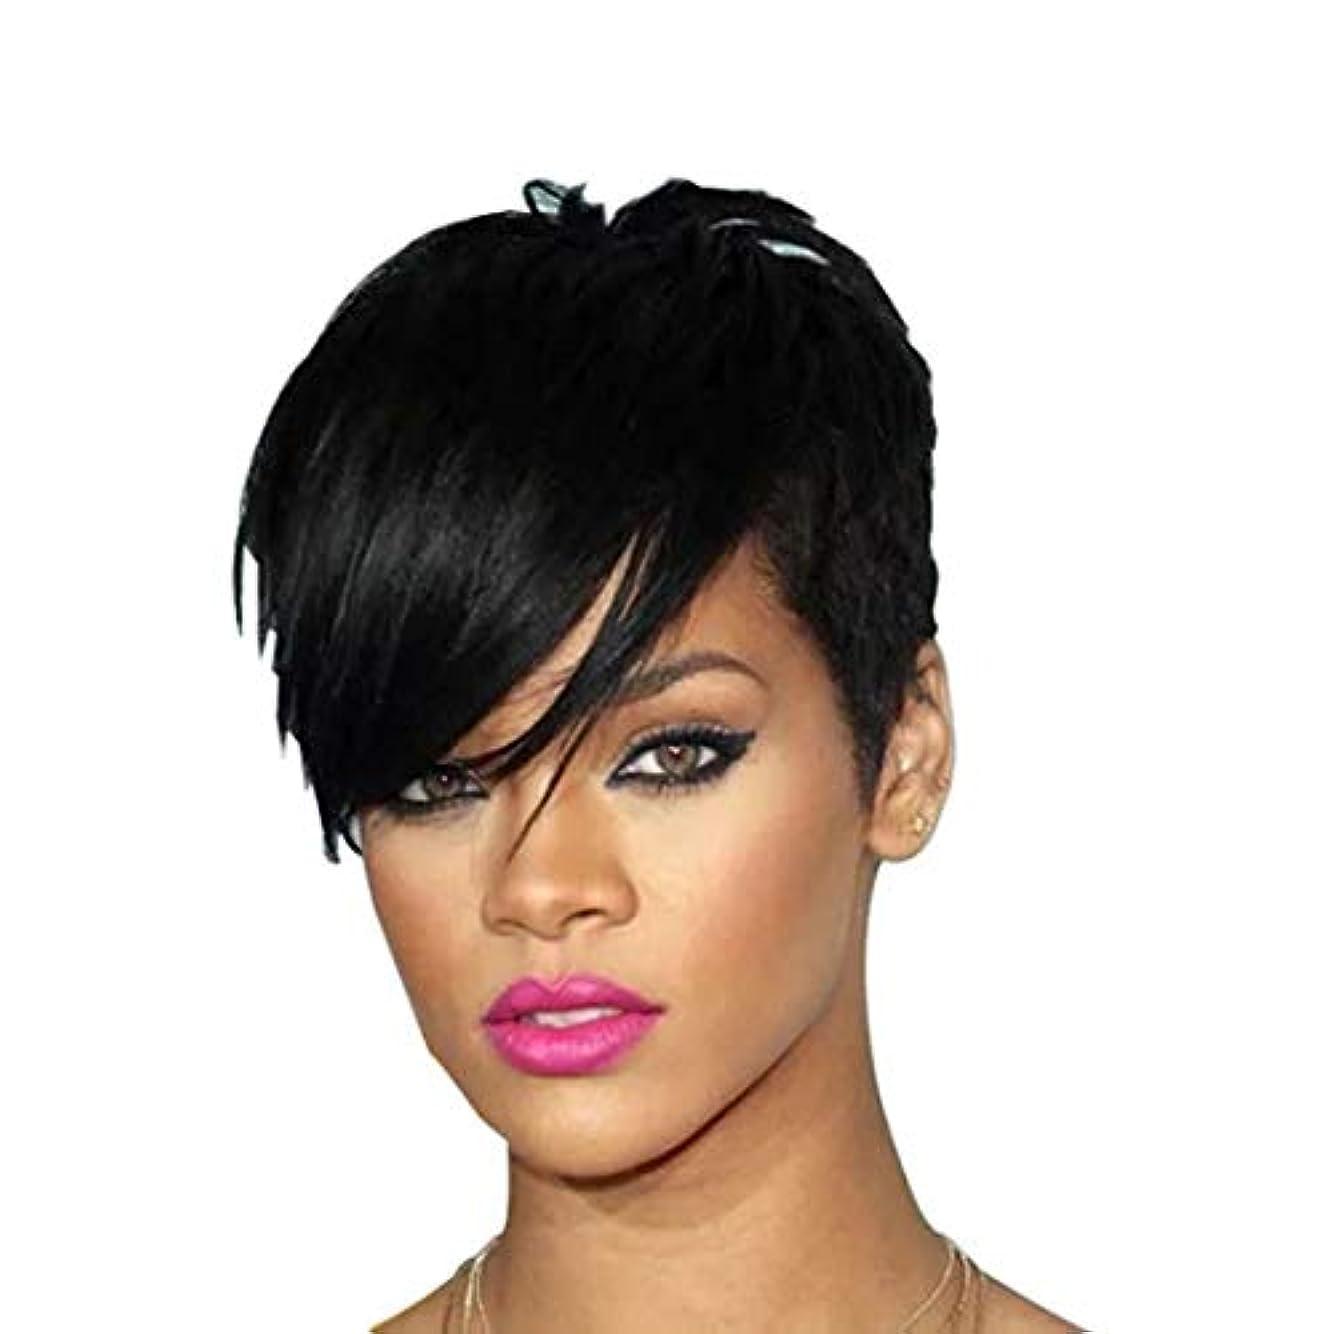 聡明貧しいパースブラックボロウKerwinner 女性の斜め前髪高温シルクウィッグヘッドギアで短いストレートヘアウィッグ